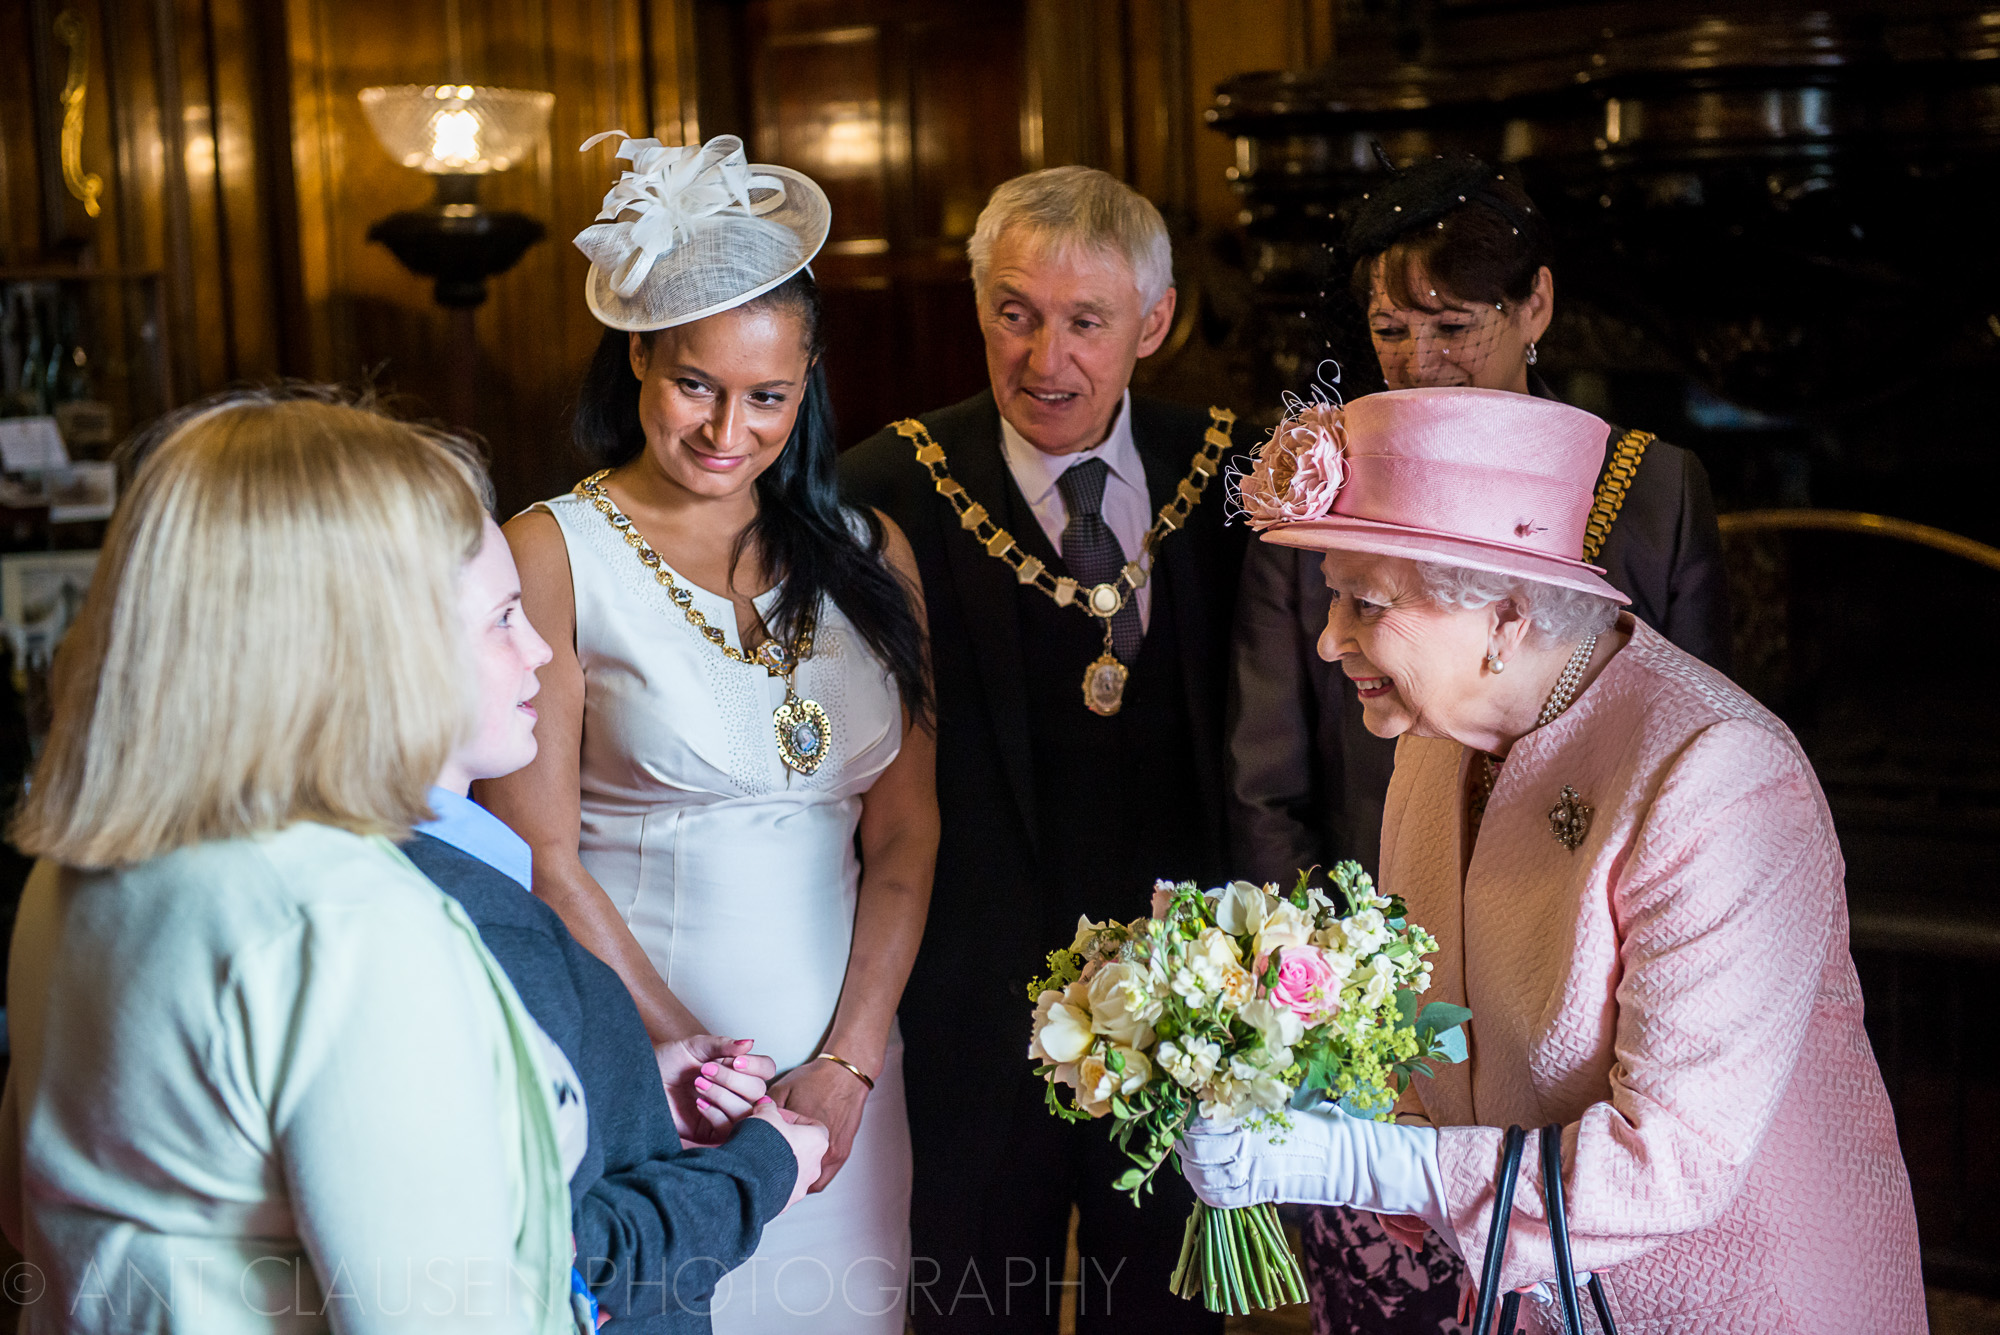 photos of queen elizabeth visiting liverpool